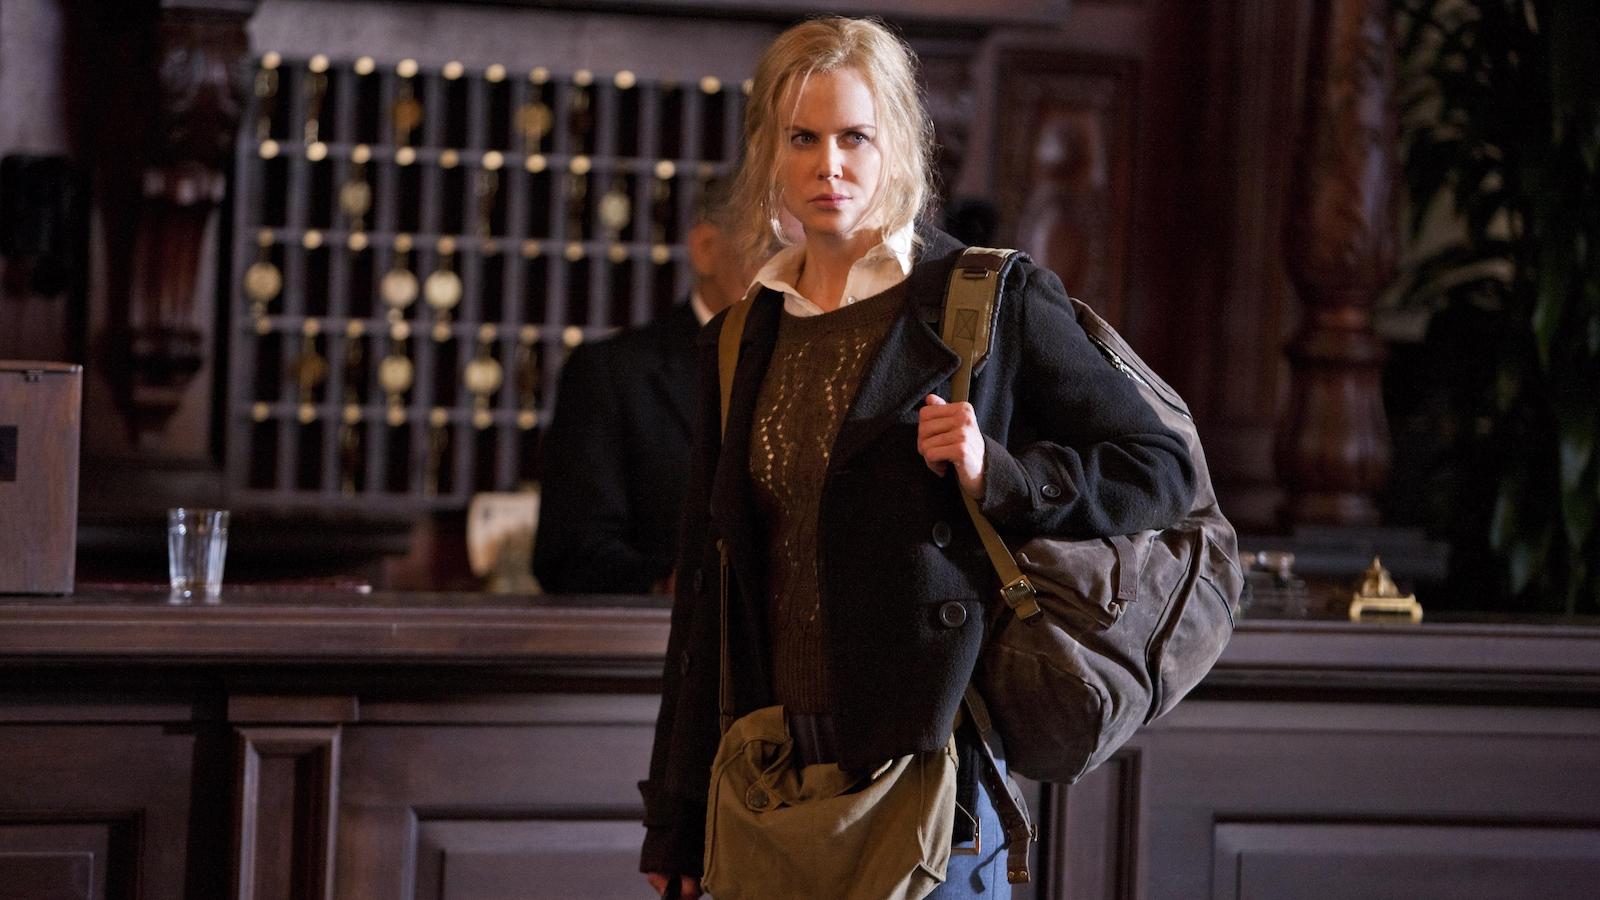 Une femme dans le hall d'un hôtel, une valise à la main